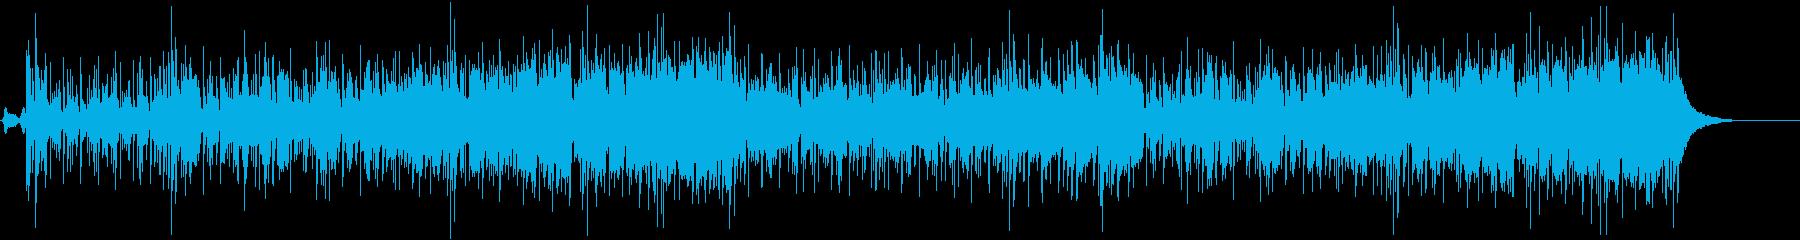 大胆で牧歌的なレゲエ風ポップフュージョンの再生済みの波形